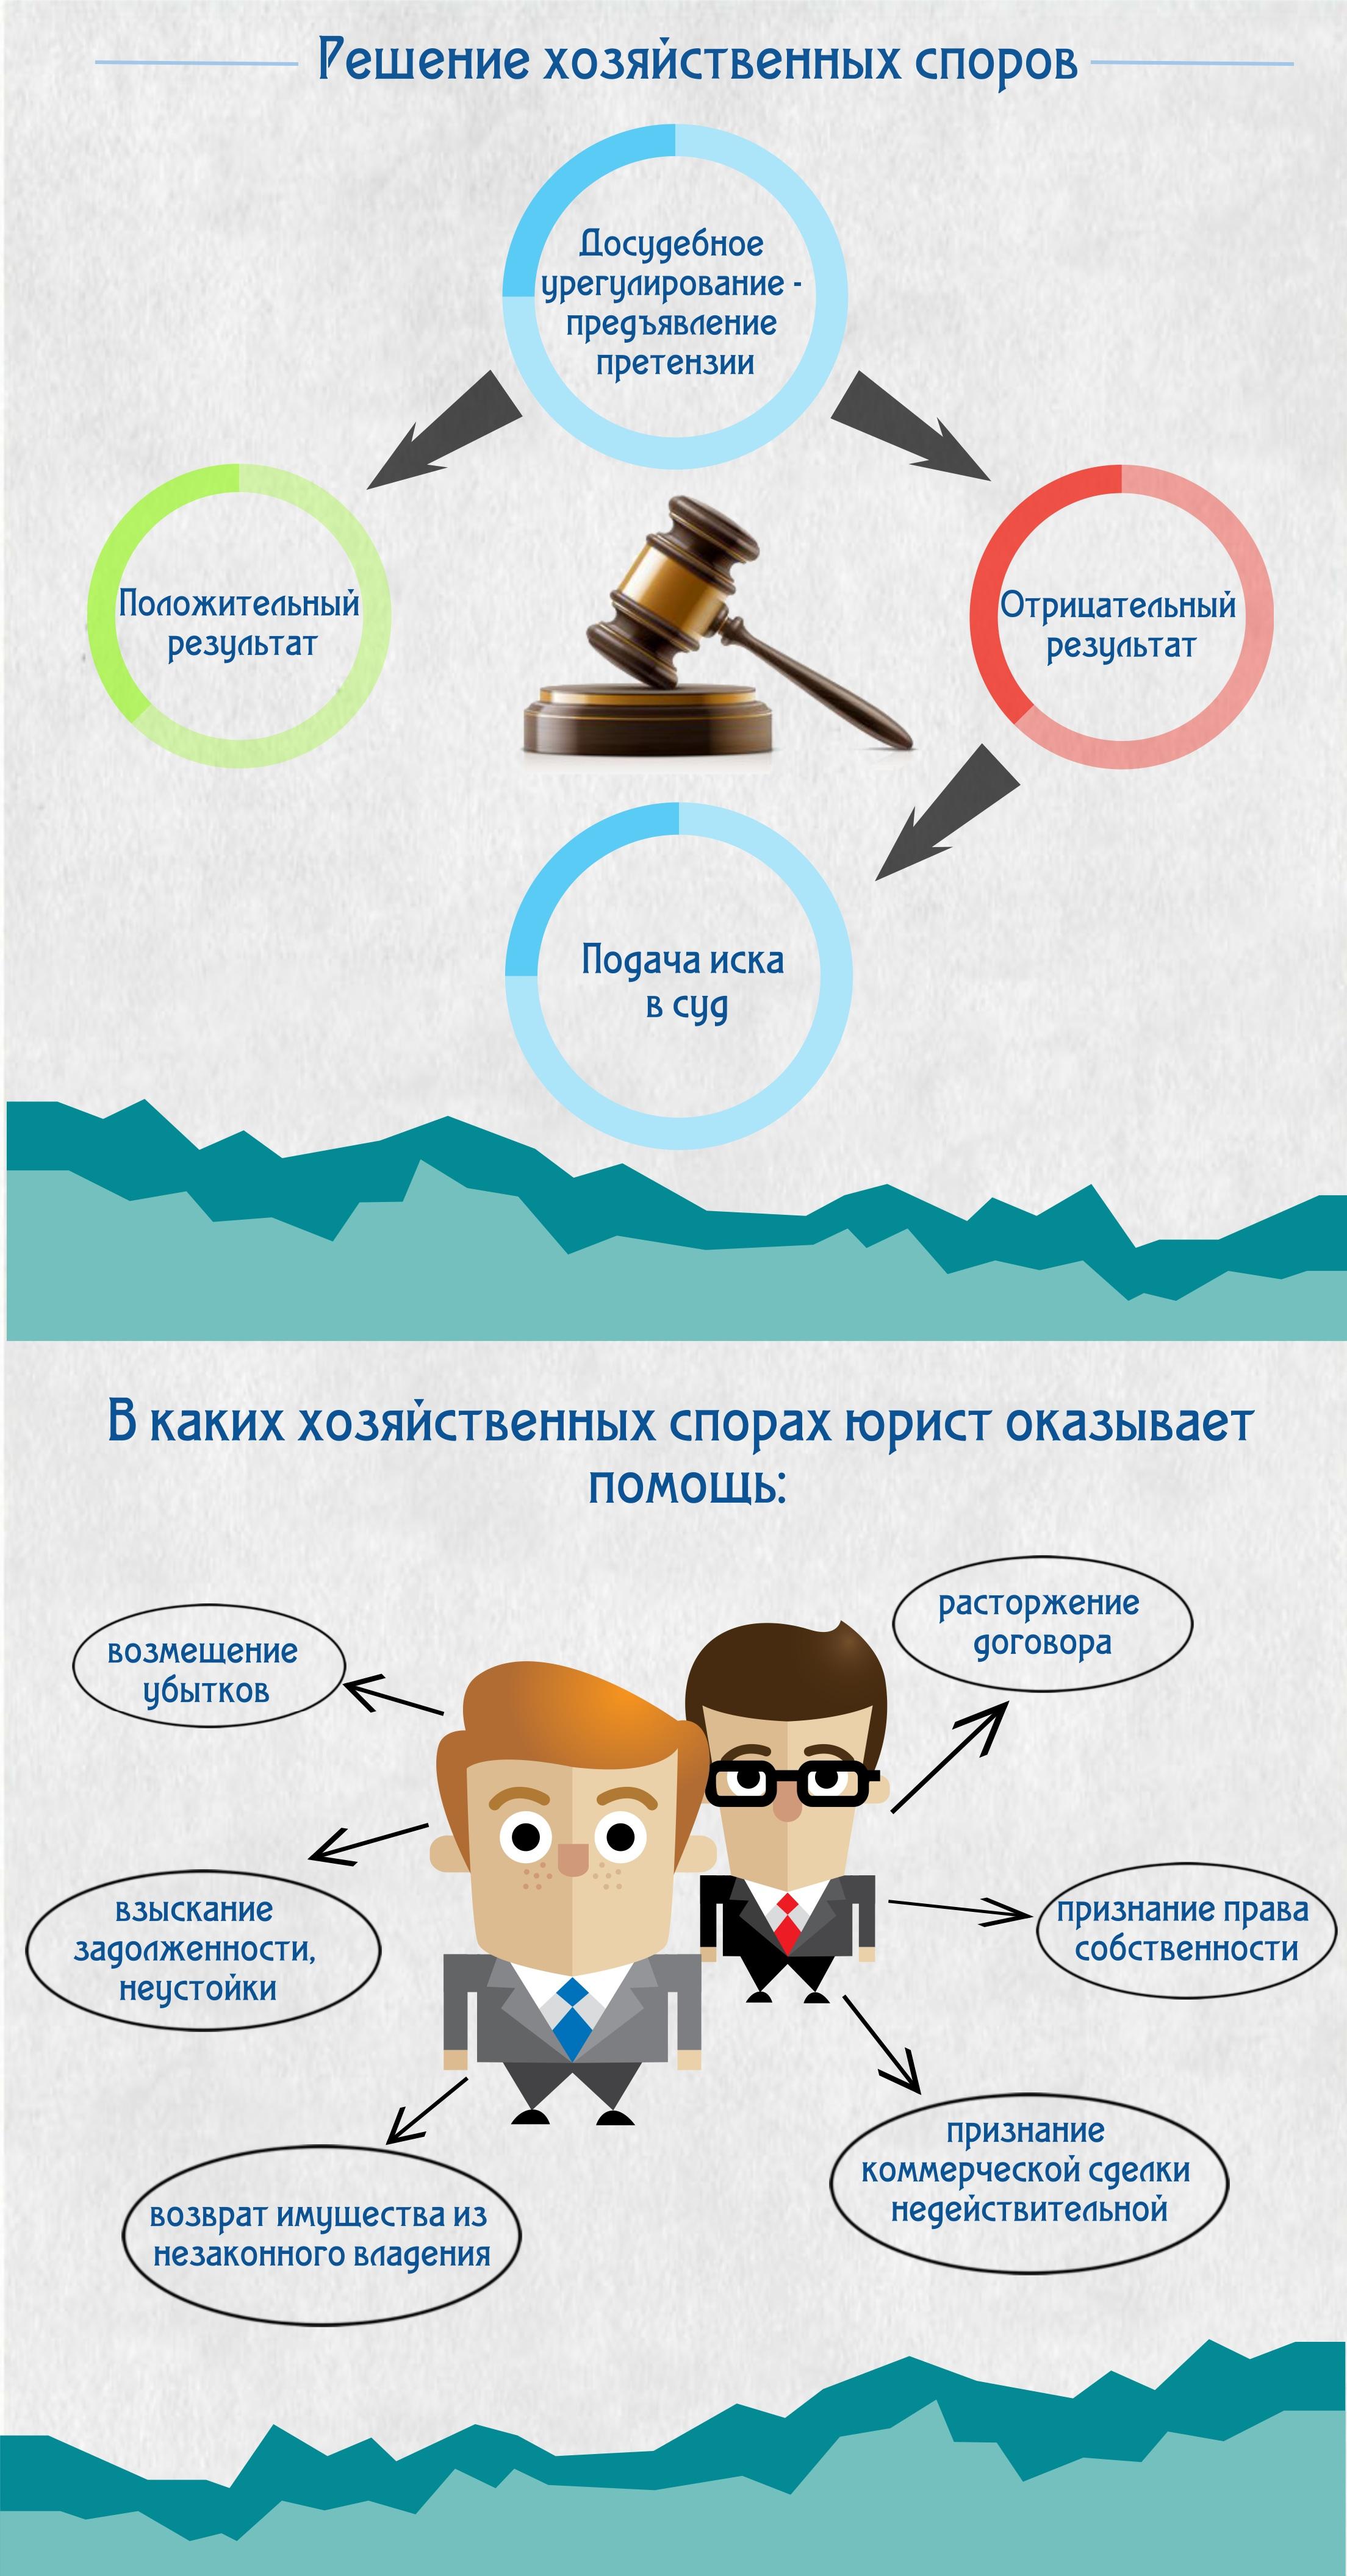 услуги юриста по разрешению хозяйственных споров